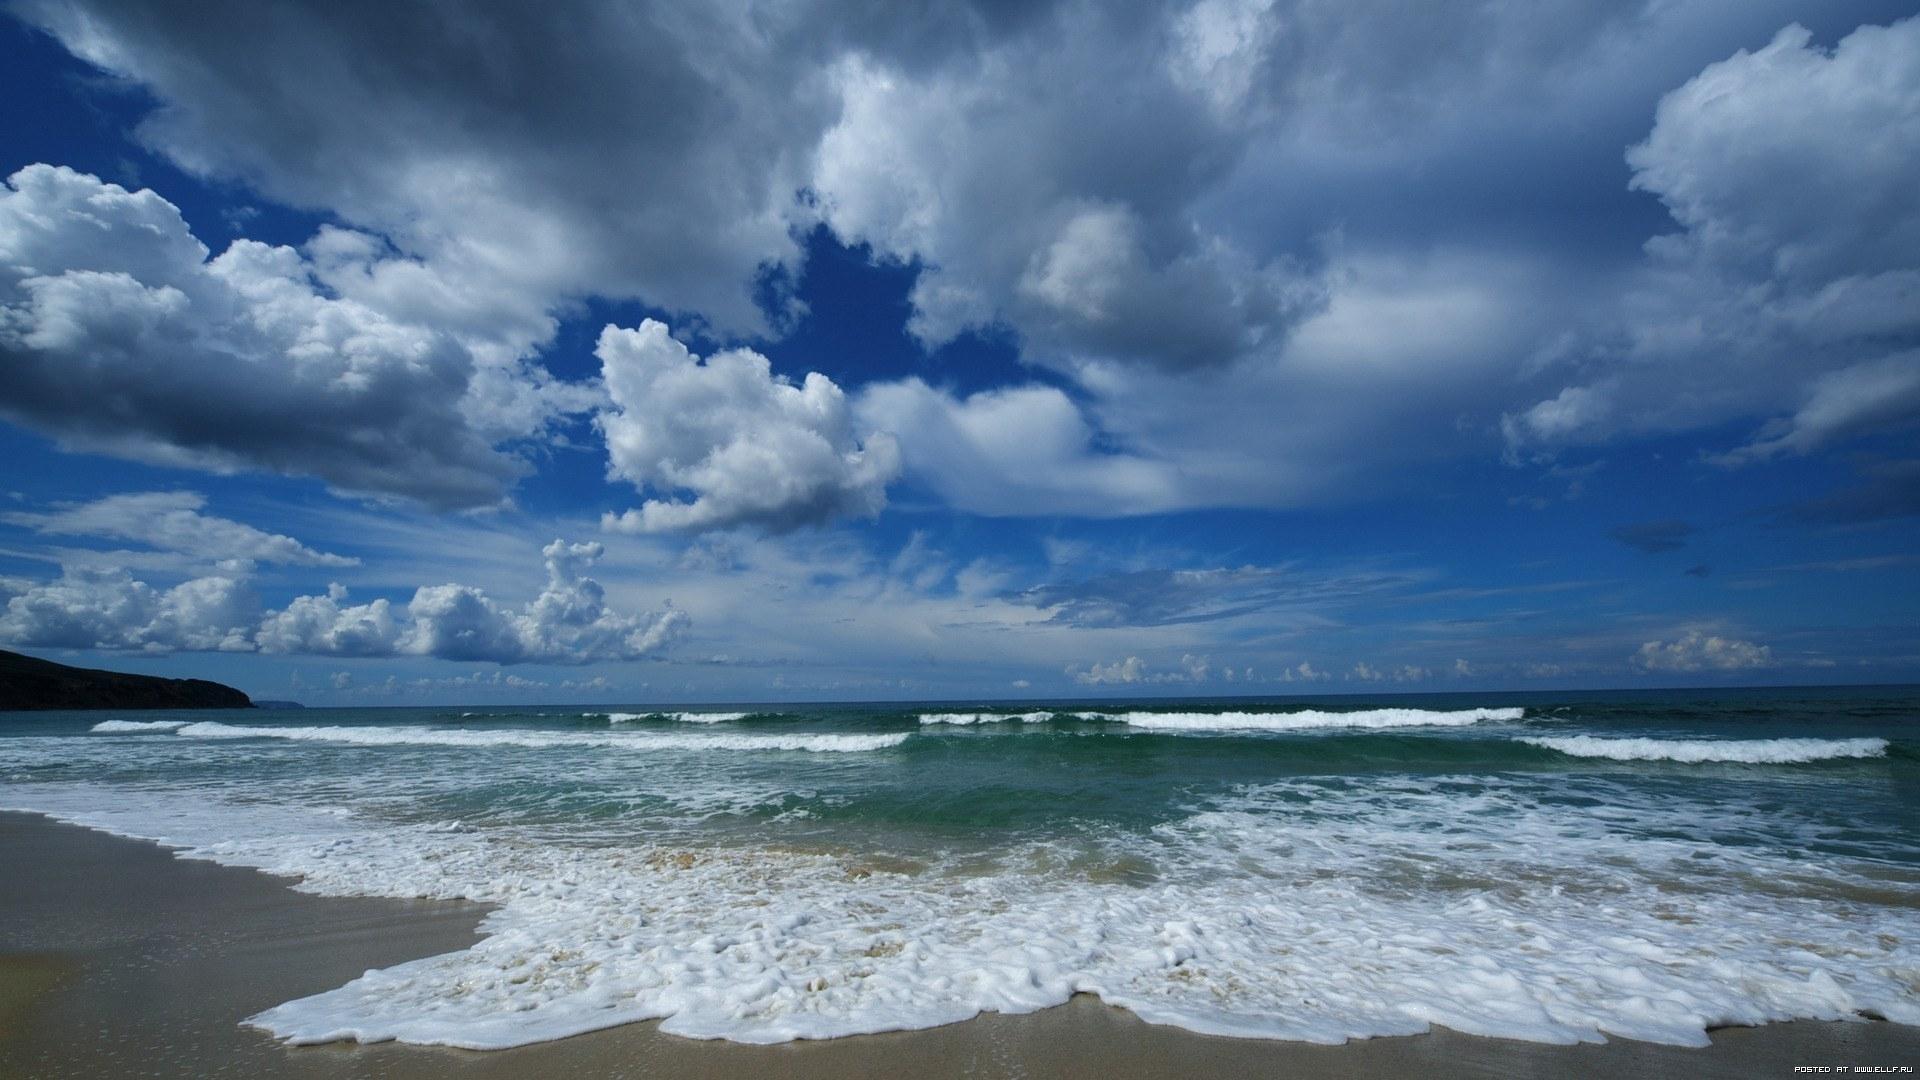 26742 скачать обои Пейзаж, Небо, Море, Облака, Волны - заставки и картинки бесплатно